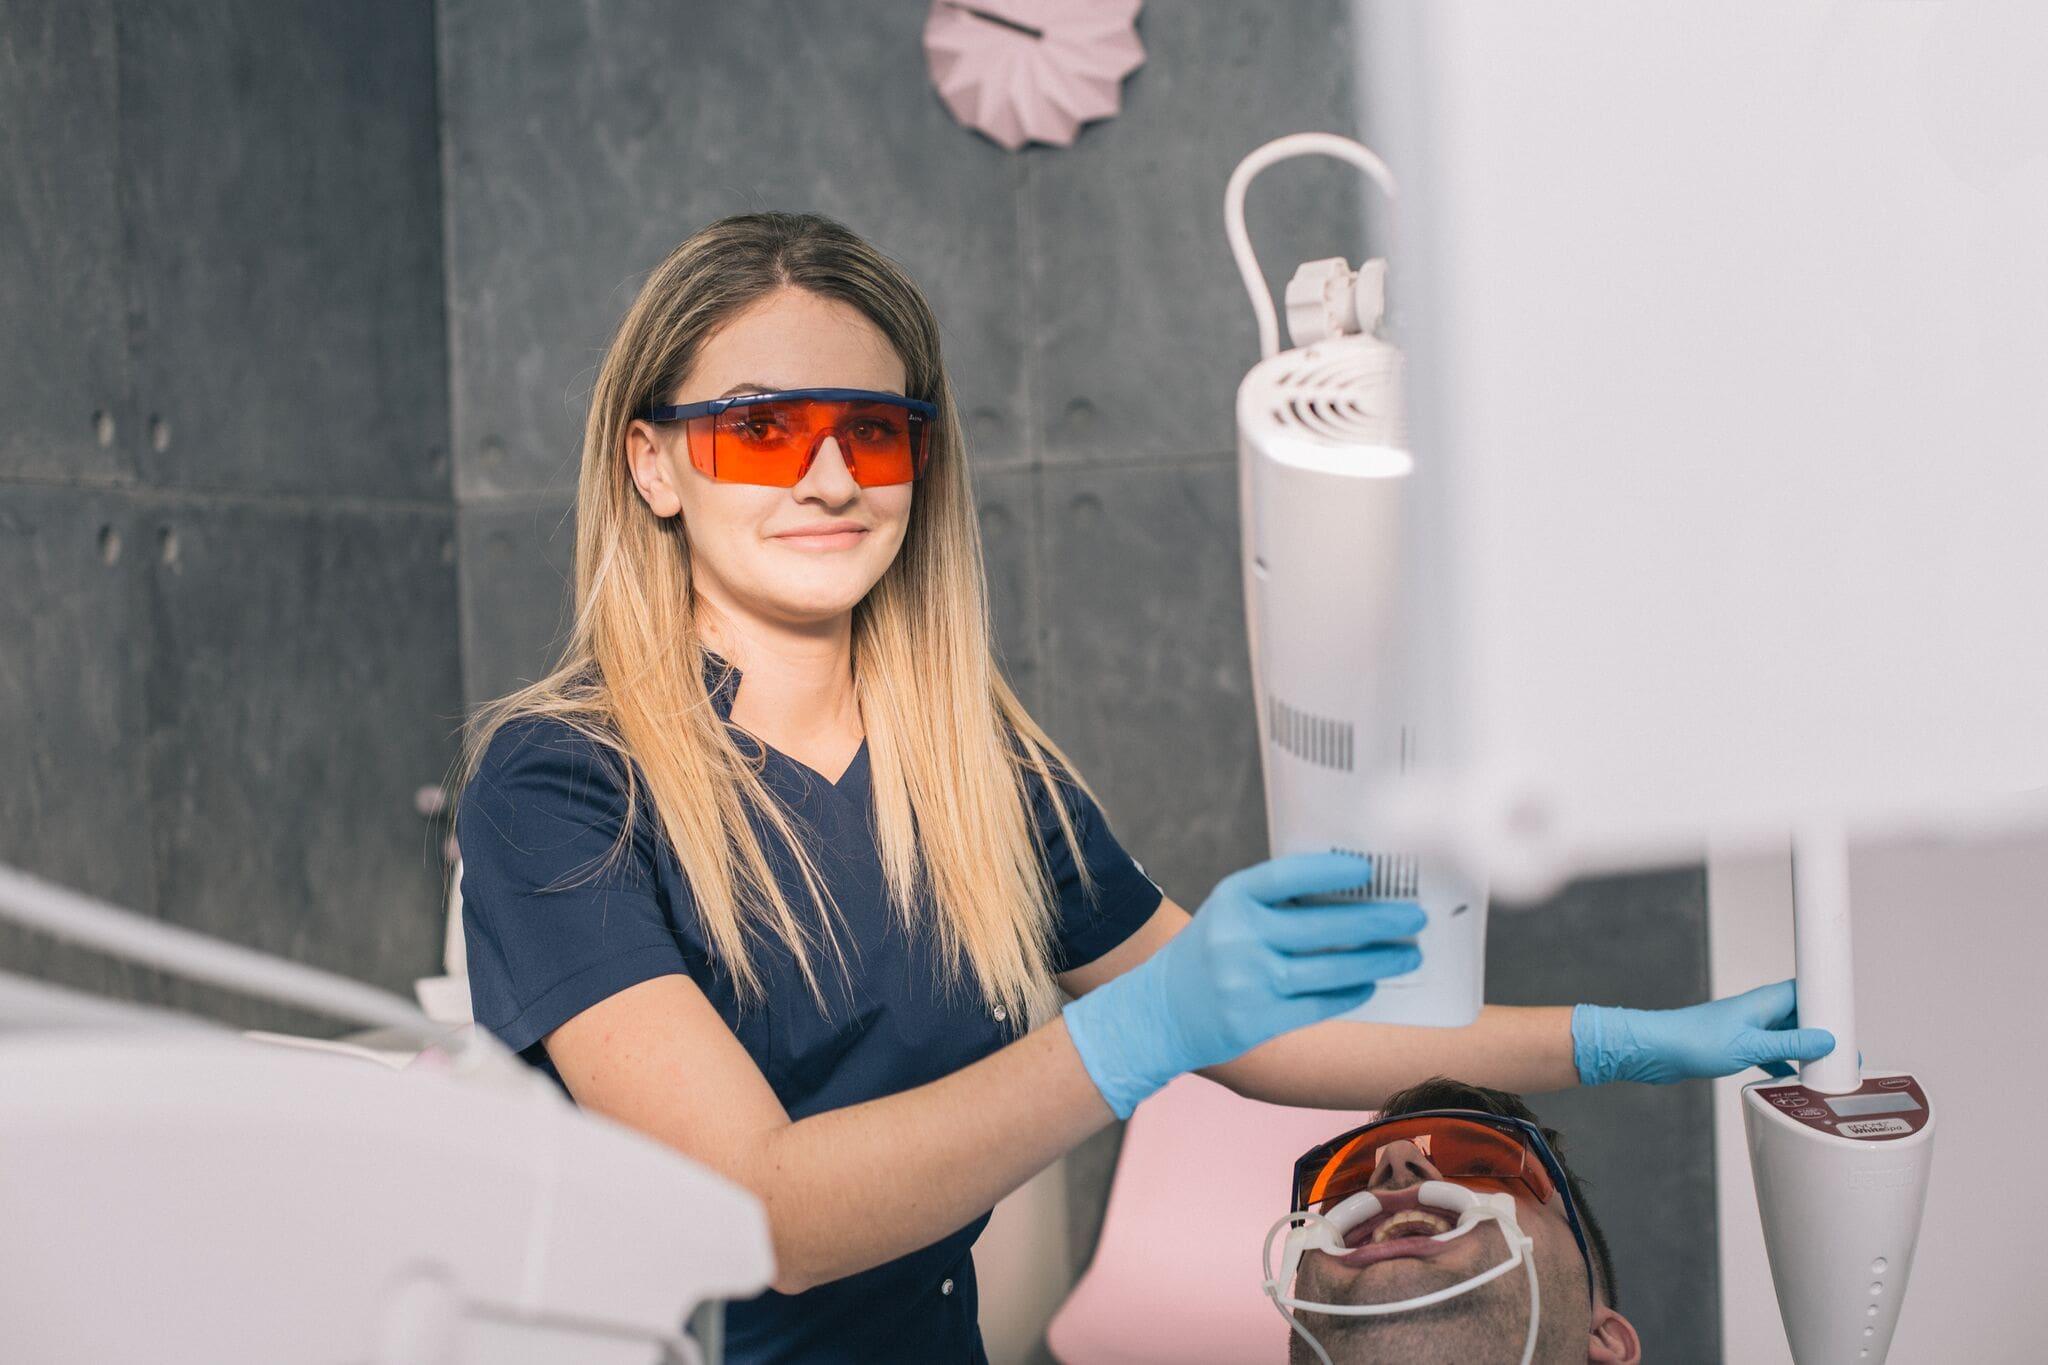 wybielanie zębów u dentysty